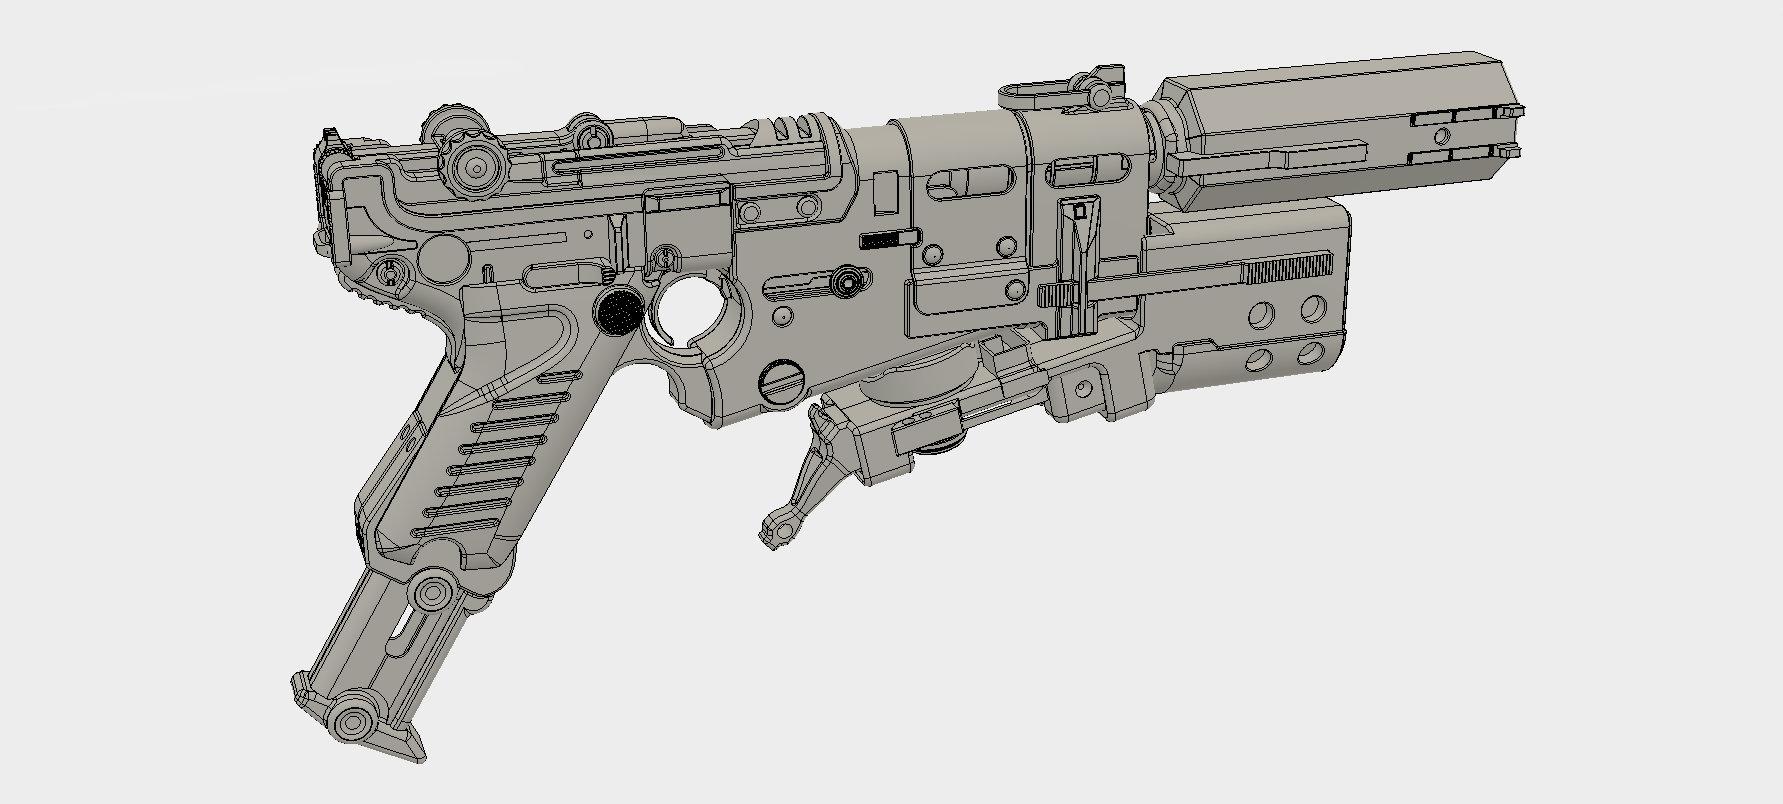 Wolfenstein II: The New Colussus Pistol (Luger 61) - Model